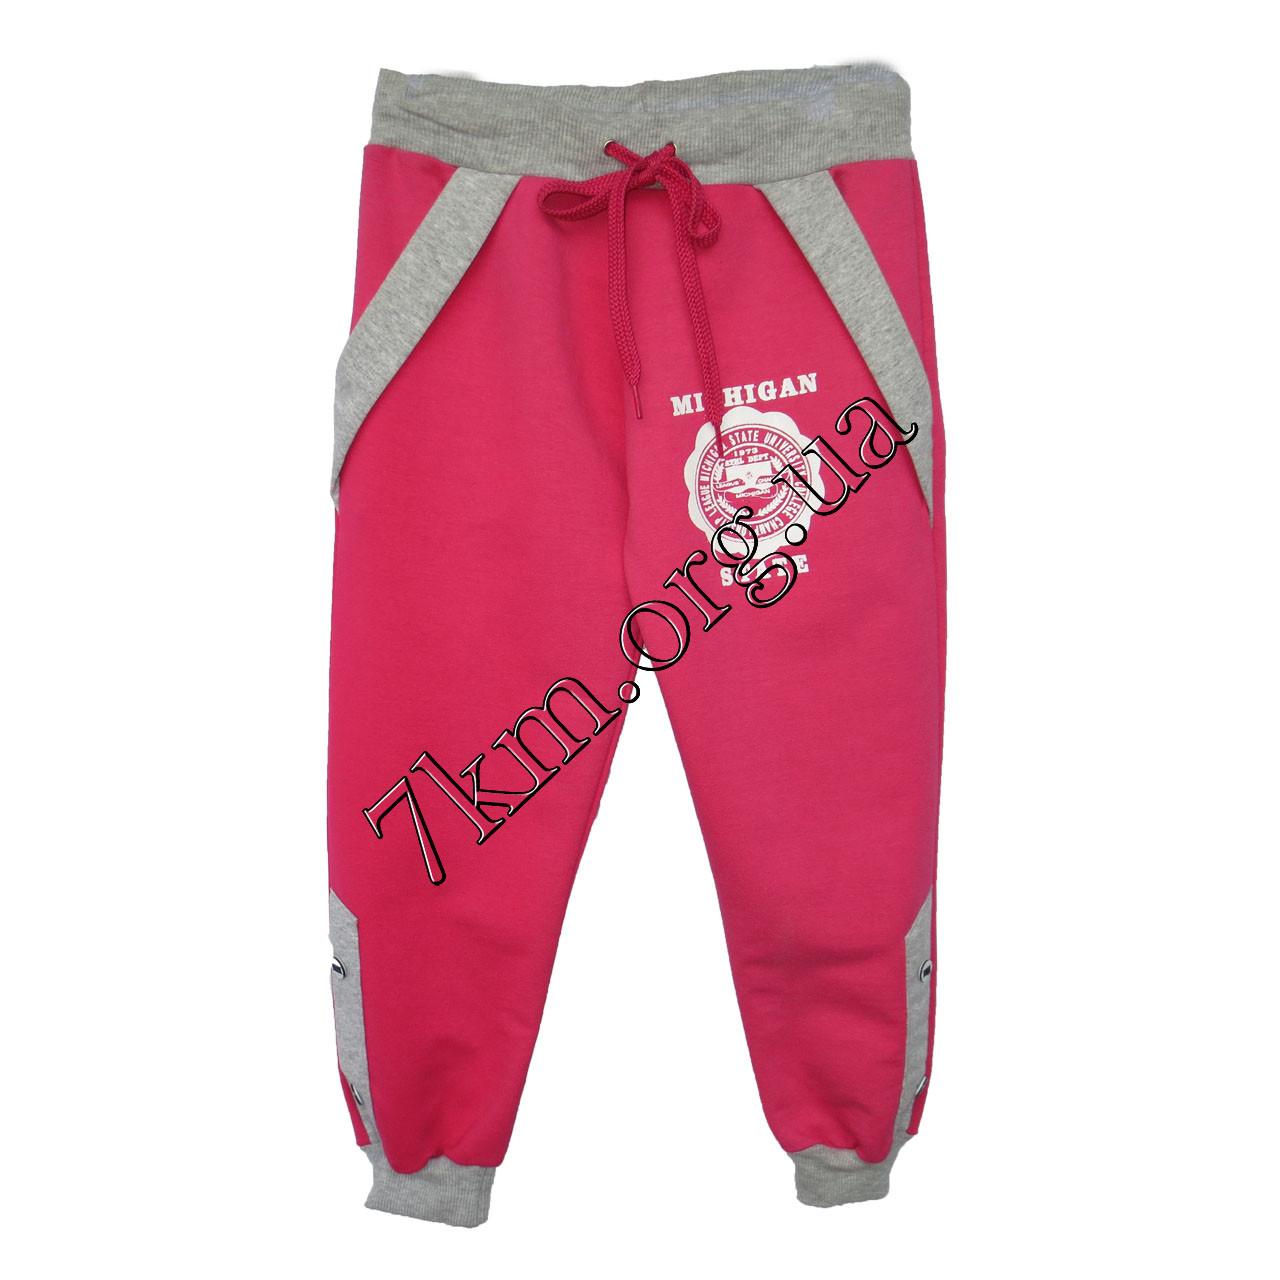 Спортивные штаны Michigan для девочек (5-8 лет) трикотажные Малина Оптом.